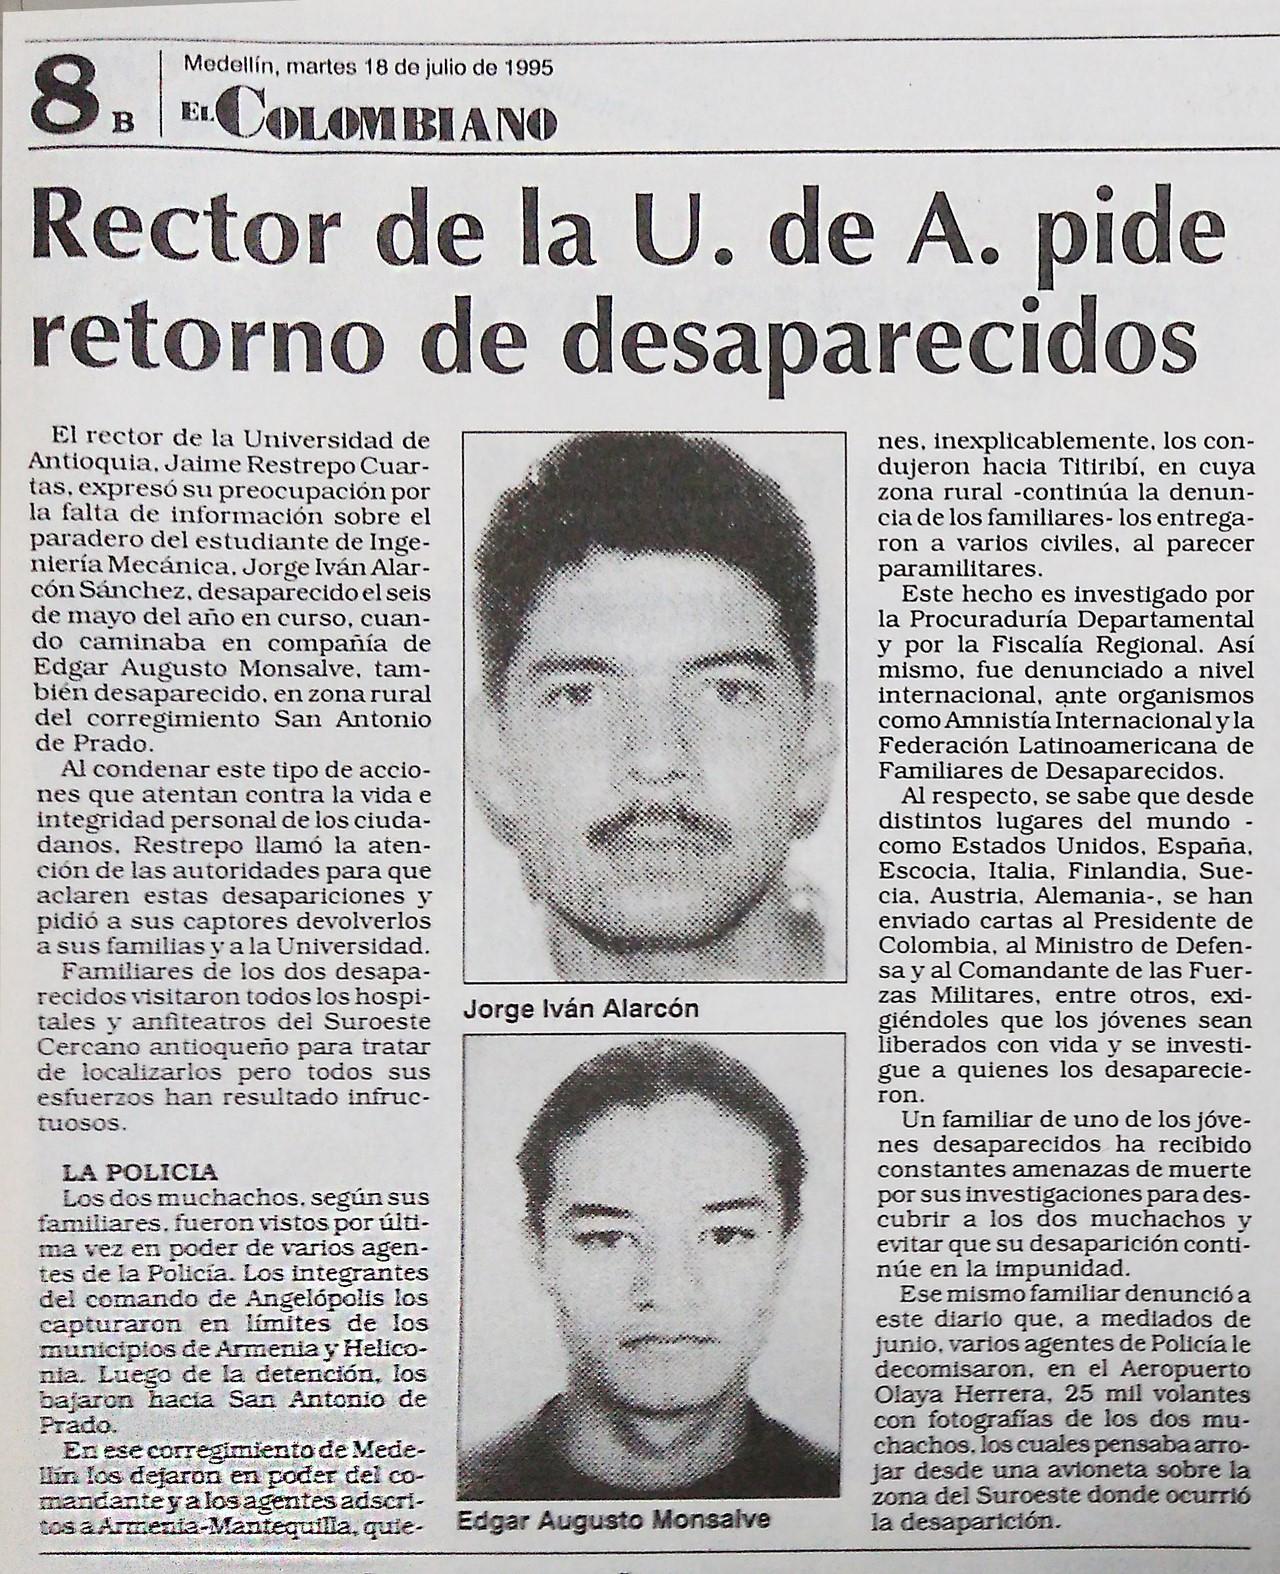 Imagen vía El Colombiano